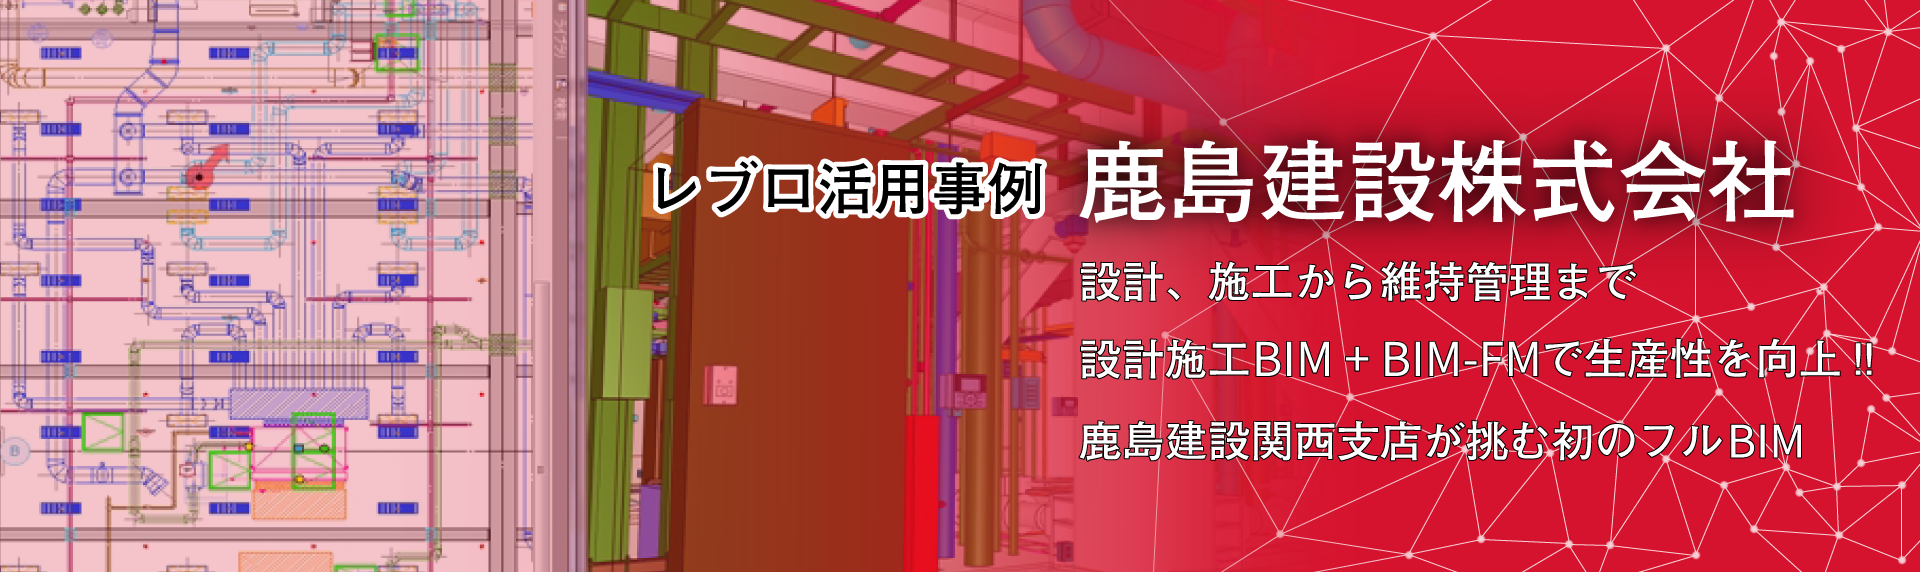 ユーザー事例 鹿島建設株式会社